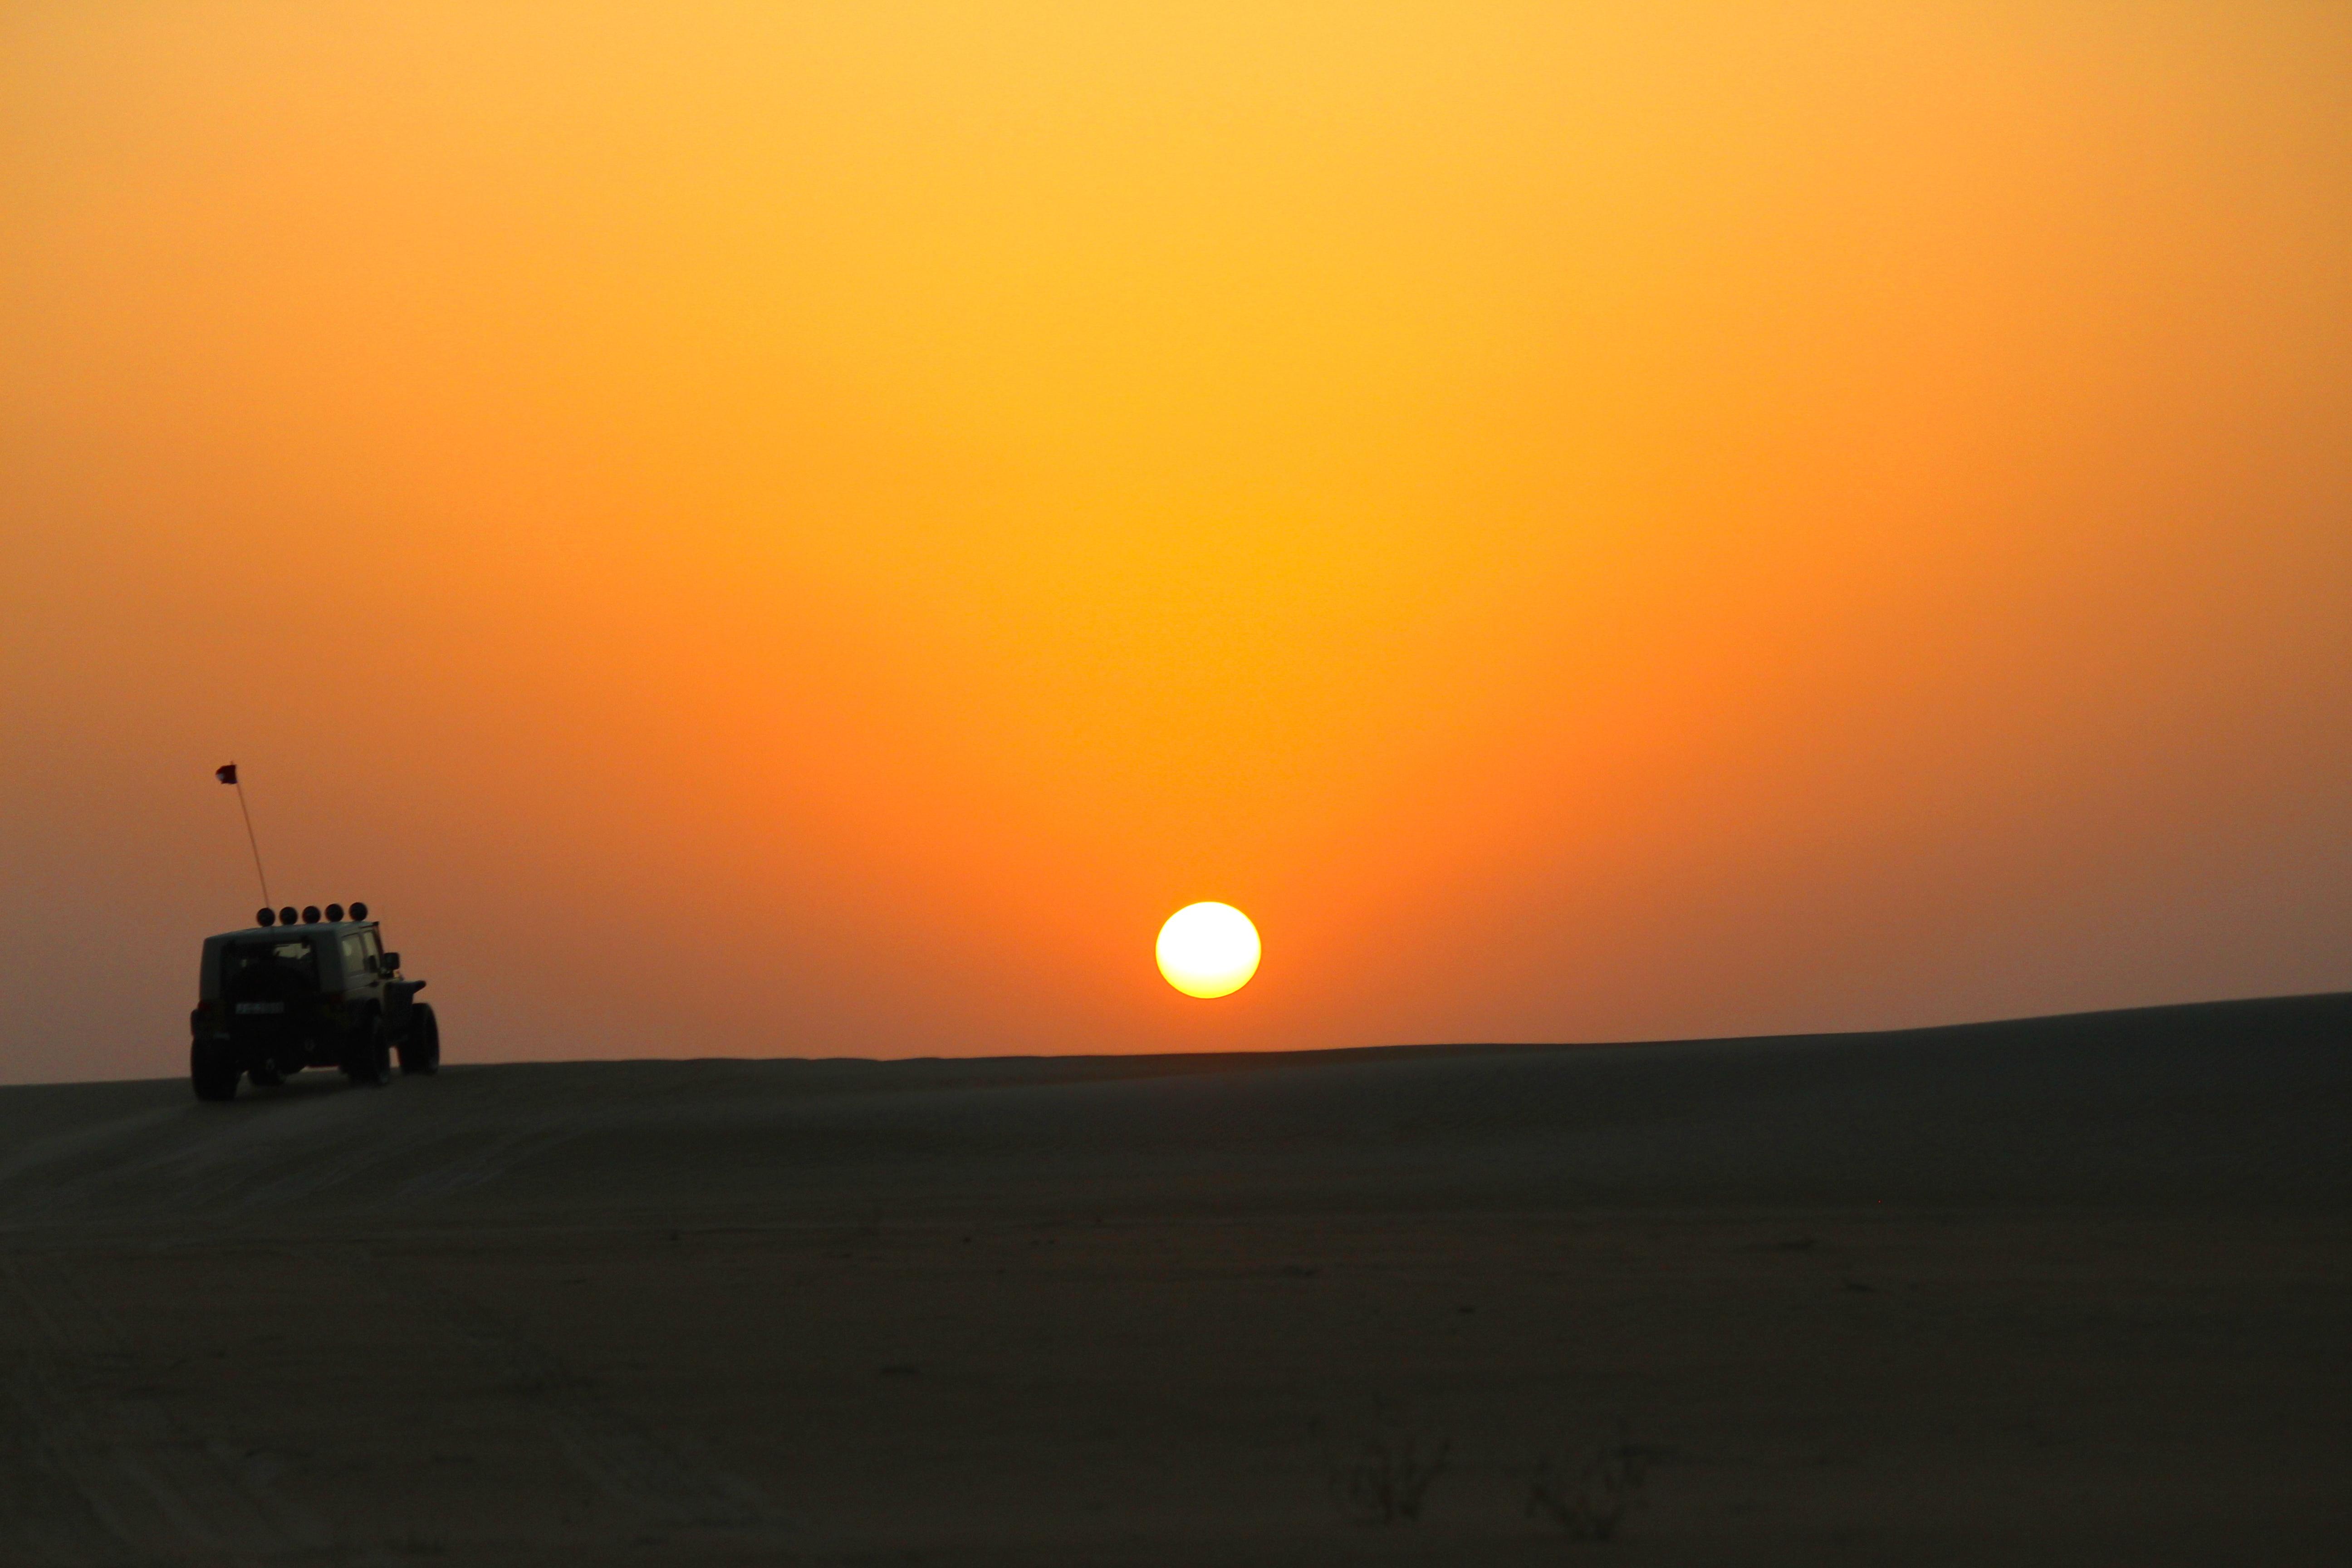 Winner Sunrise/Sunset category - Team Jolly Gazelle